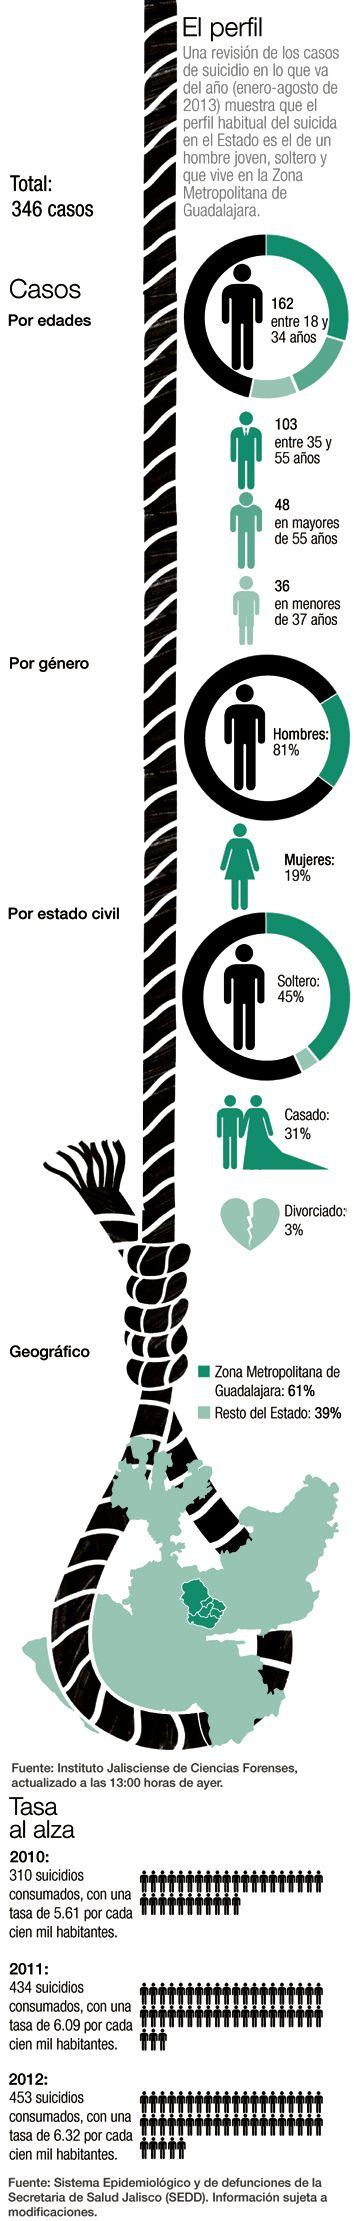 Hombre joven, soltero y que vive en Guadalajara Una revisión de los casos de suicidio en lo que va del año (enero-agosto de 2013) muestra que el perfil habitual del suicida en el Estado es el de un hombre joven, soltero y que vive en la Zona Metropolitana de Guadalajara.